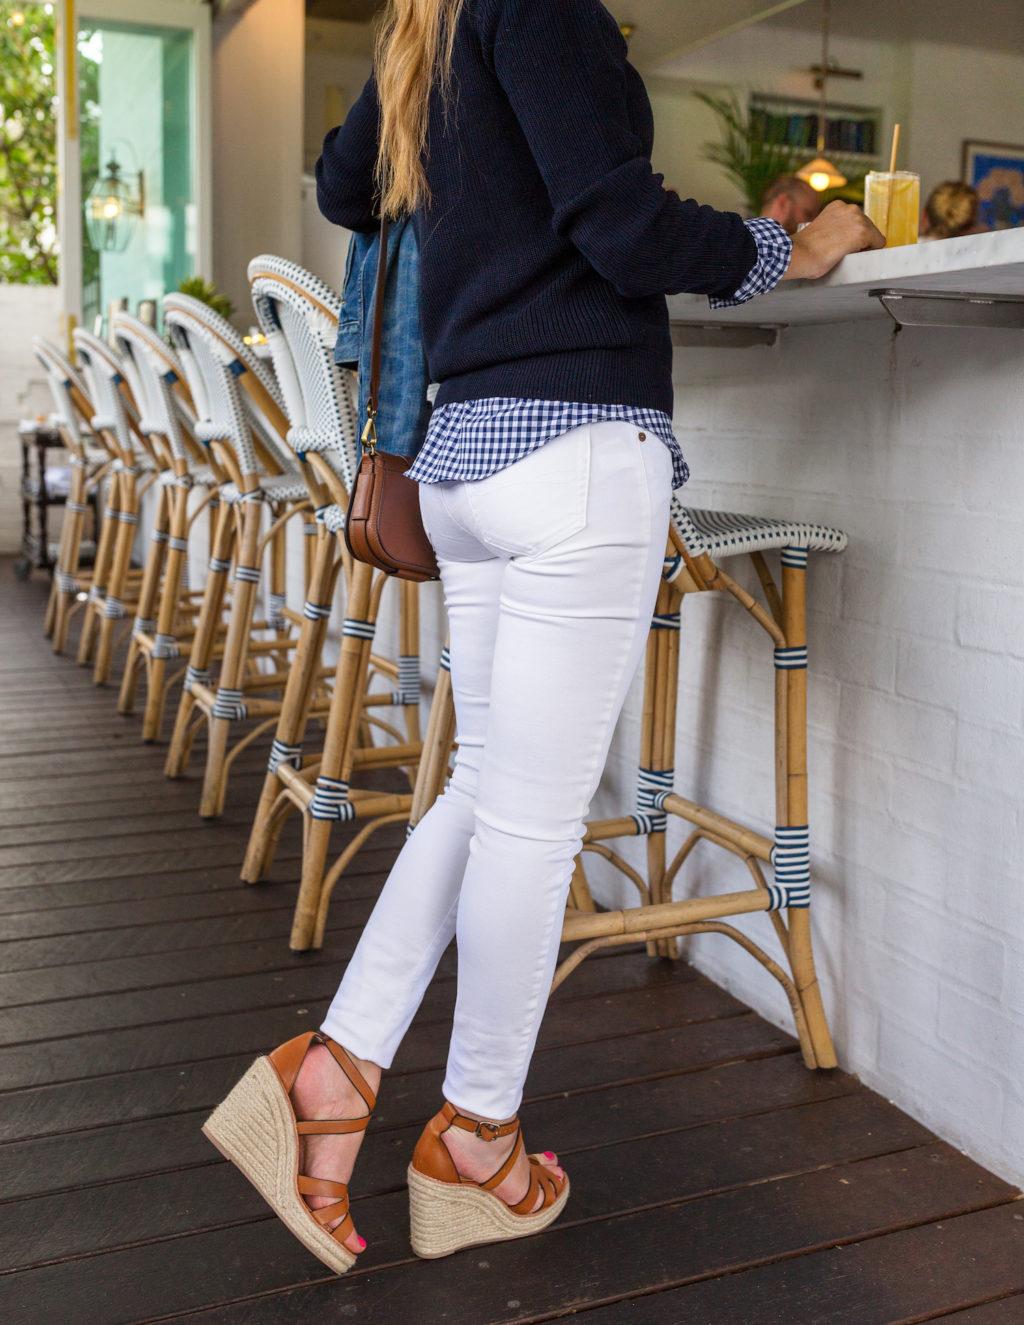 fed112b30b ralph lauren tompkins skinny jean in white - Design Darling